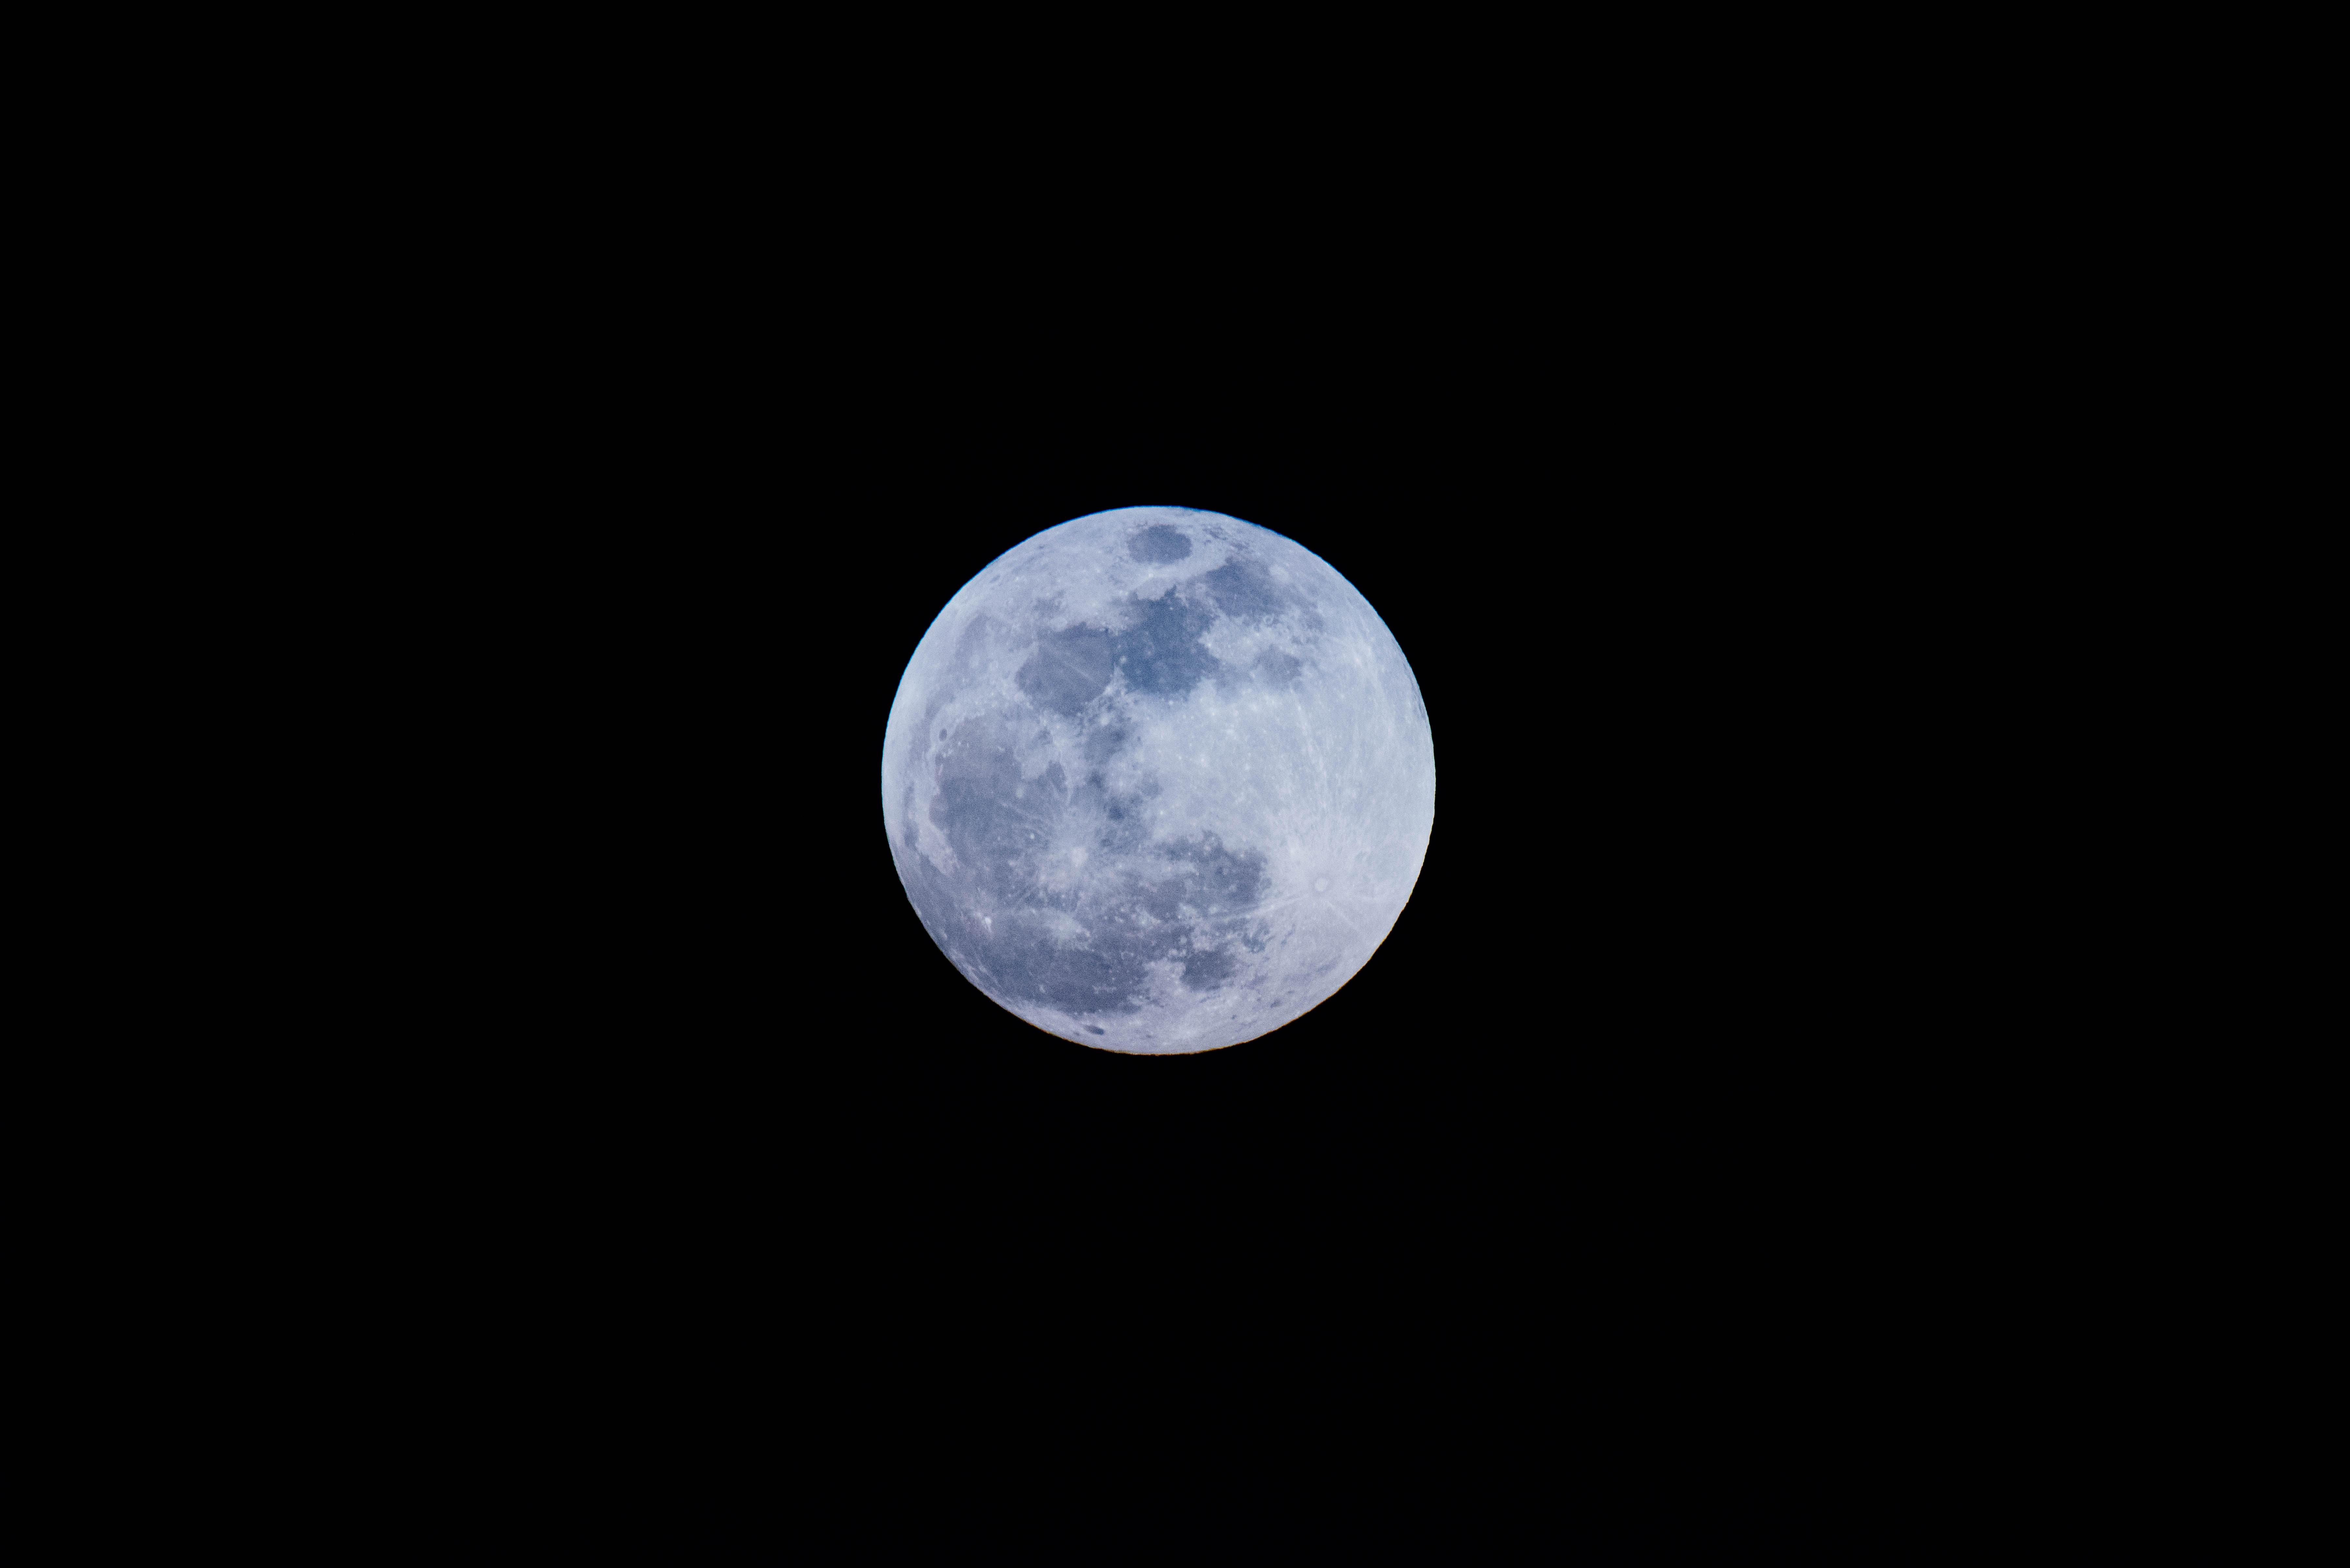 88288 скачать обои Луна, Космос, Полнолуние, Спутник - заставки и картинки бесплатно